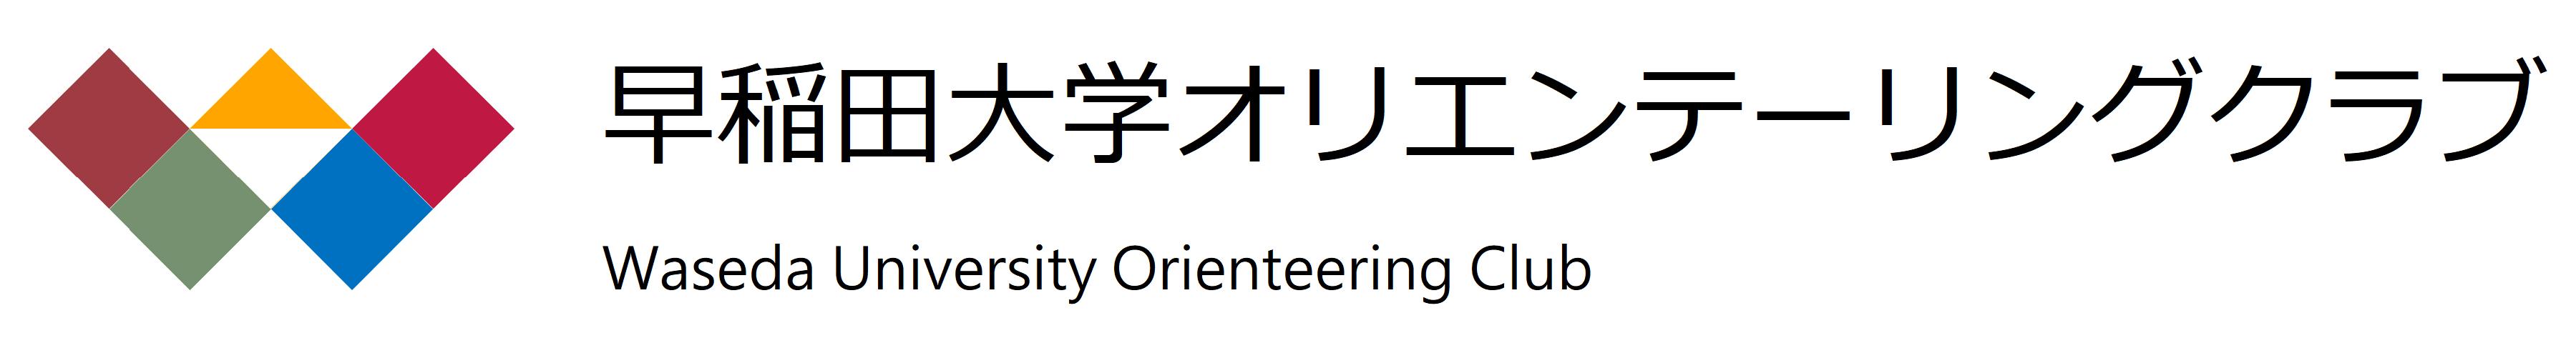 早稲田大学オリエンテーリングクラブ